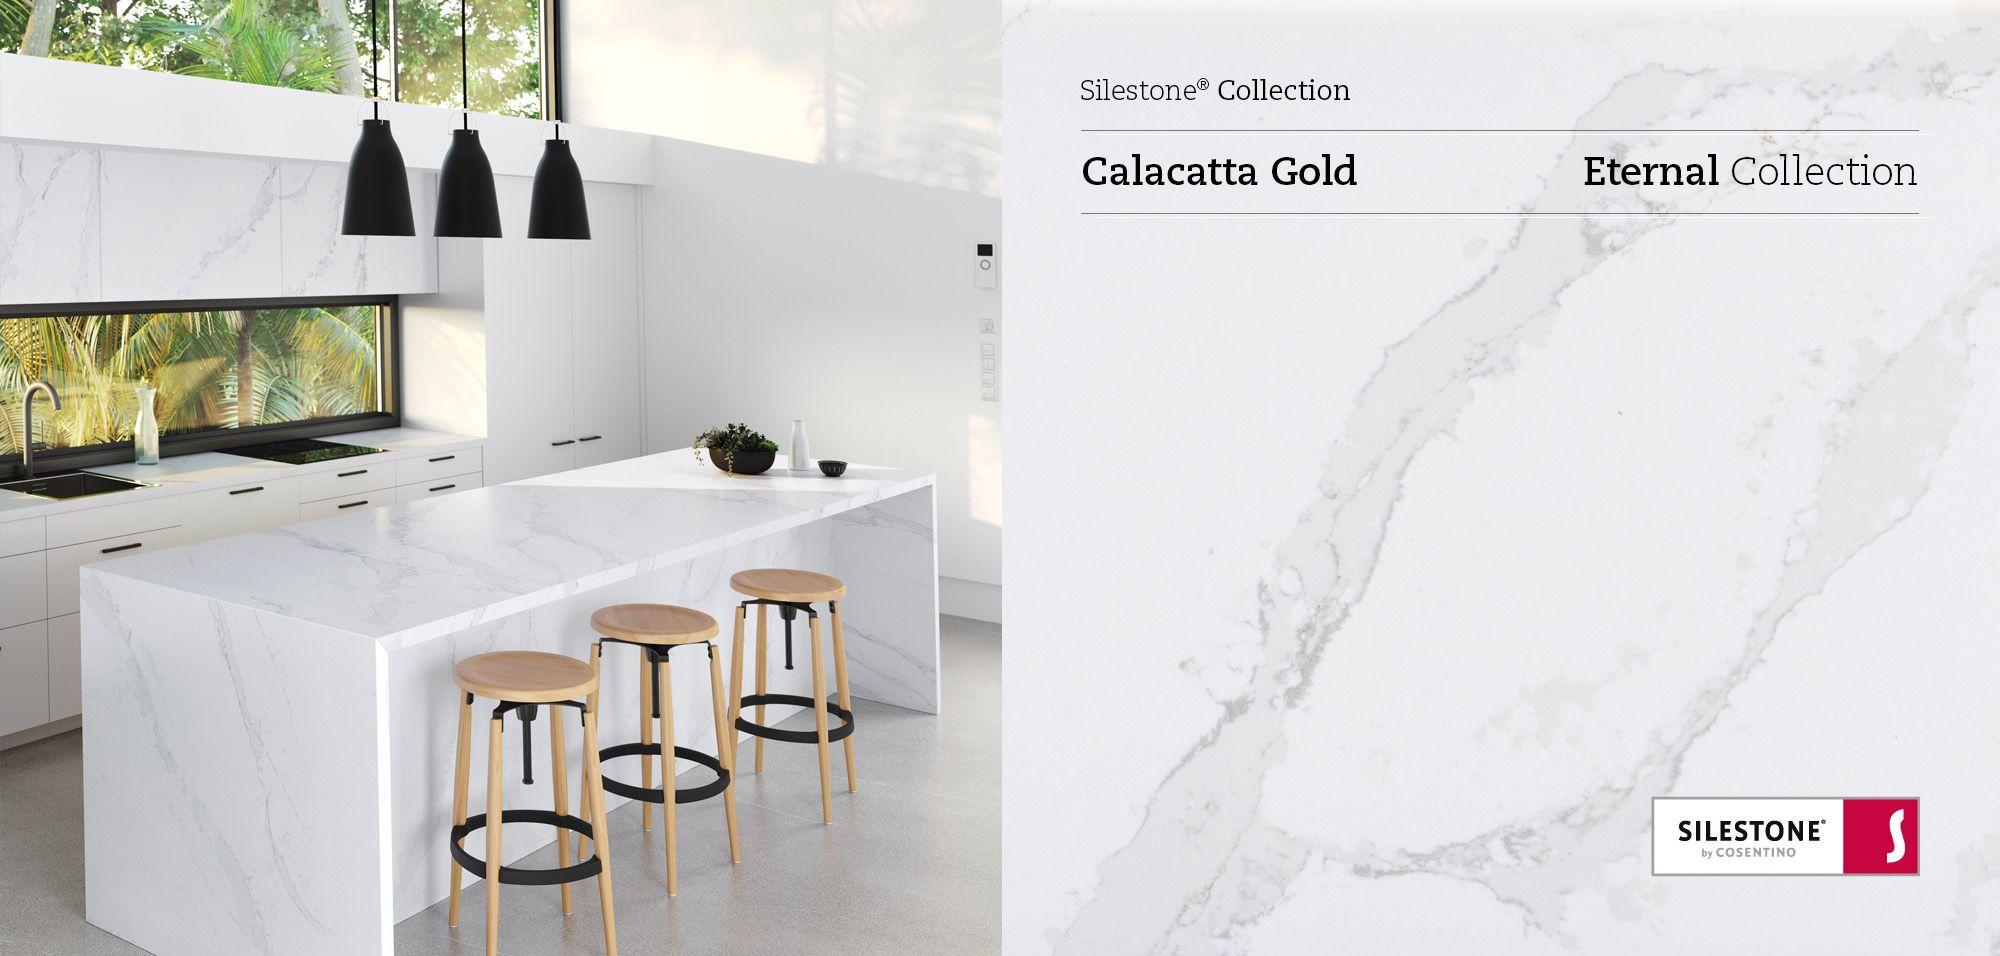 Silestone Calacatta Gold Countertops Installed and Close Up Picture Silestone vs Granite